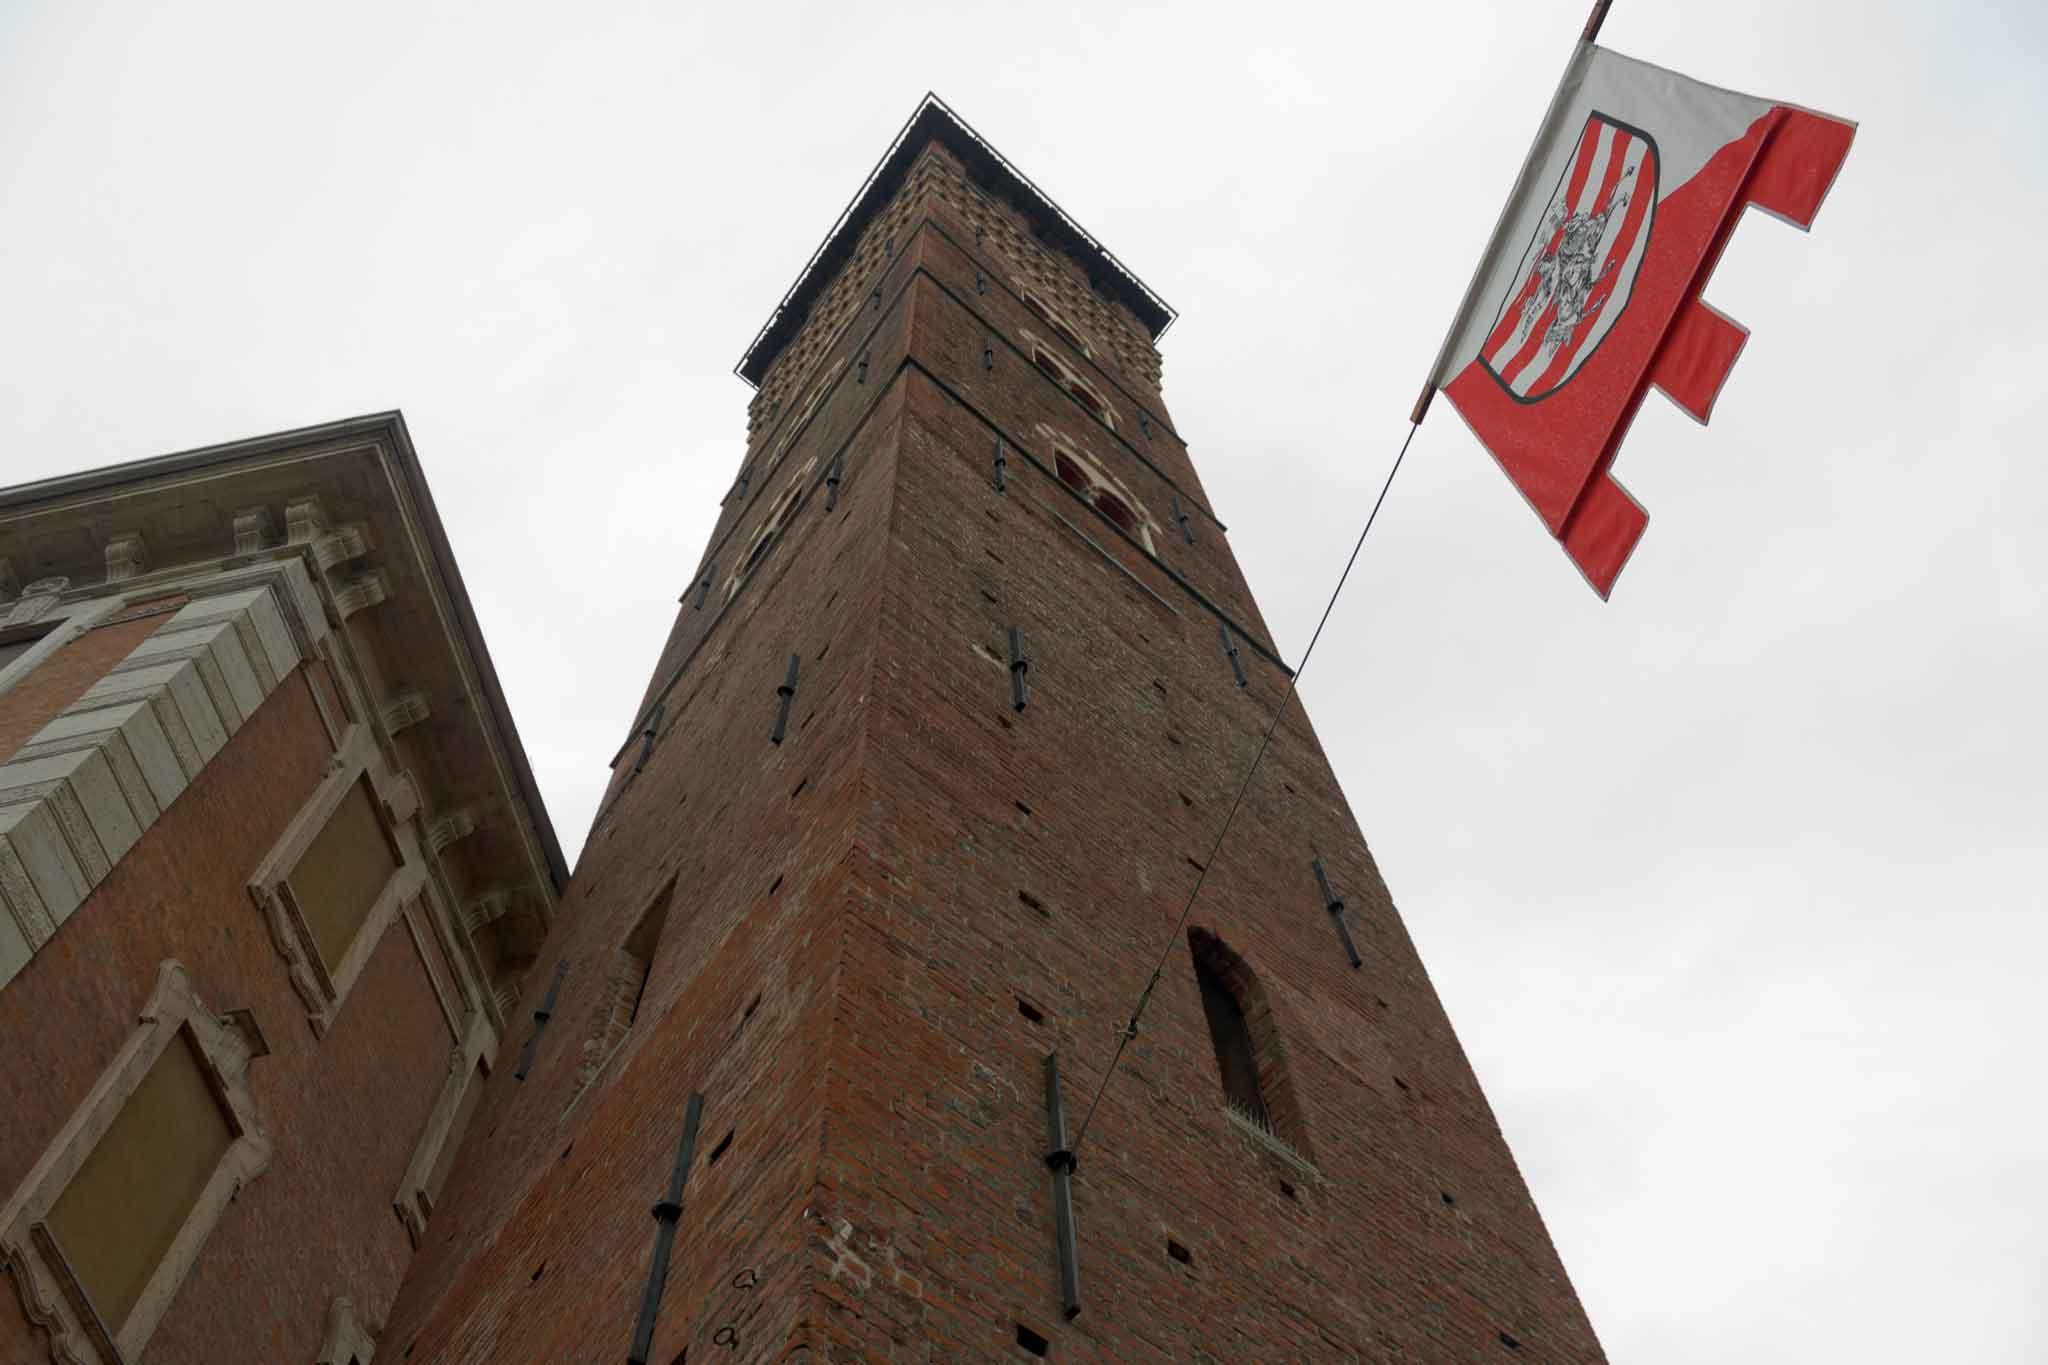 torre_troyana_asti